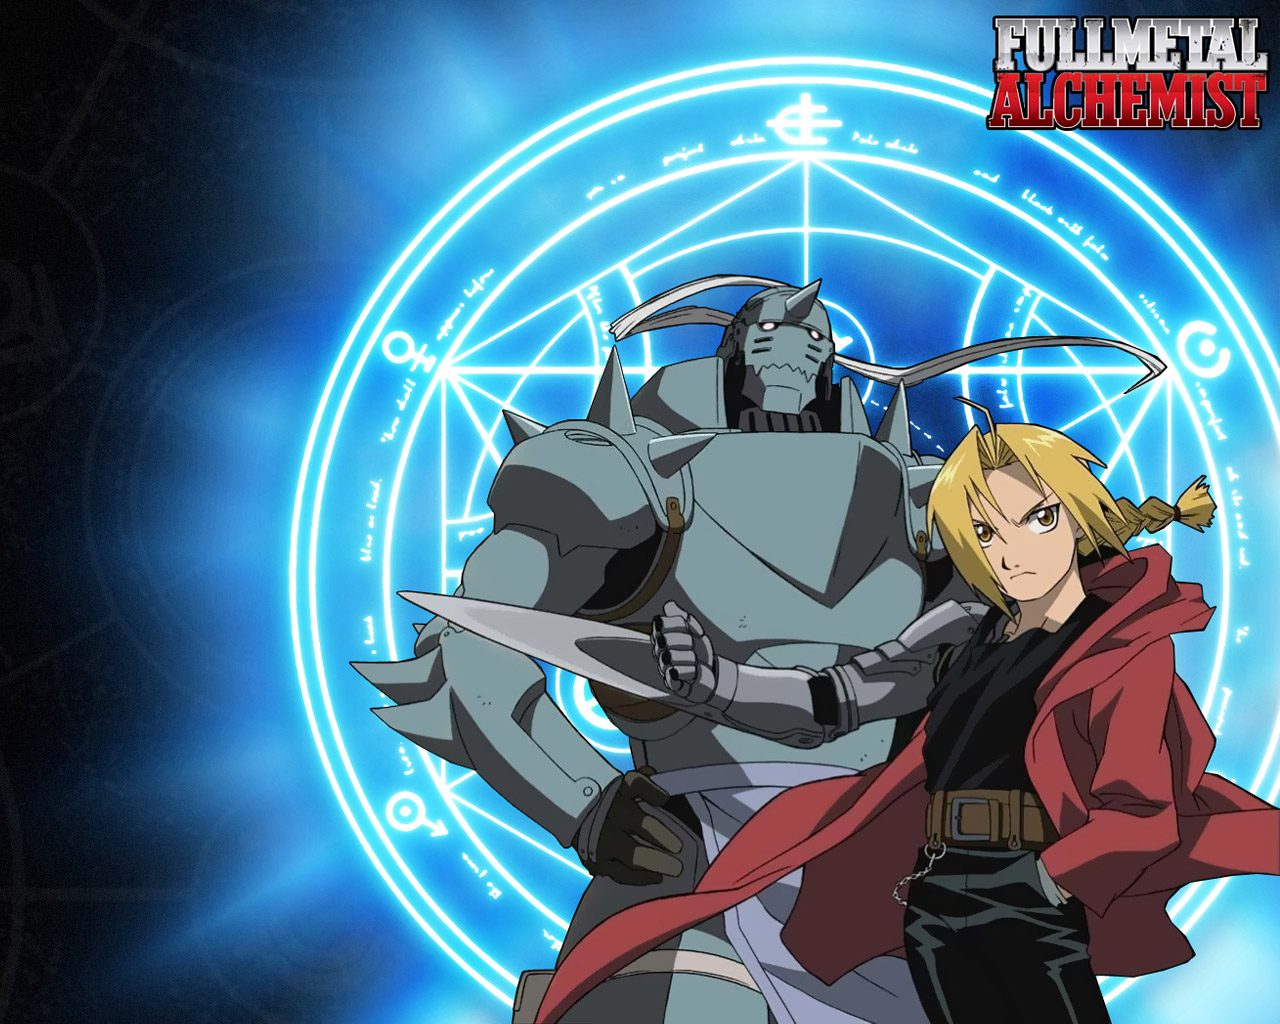 Fullmetal Alchemist um manga da autoria de Hiromu Arakawa que foi 1280x1024